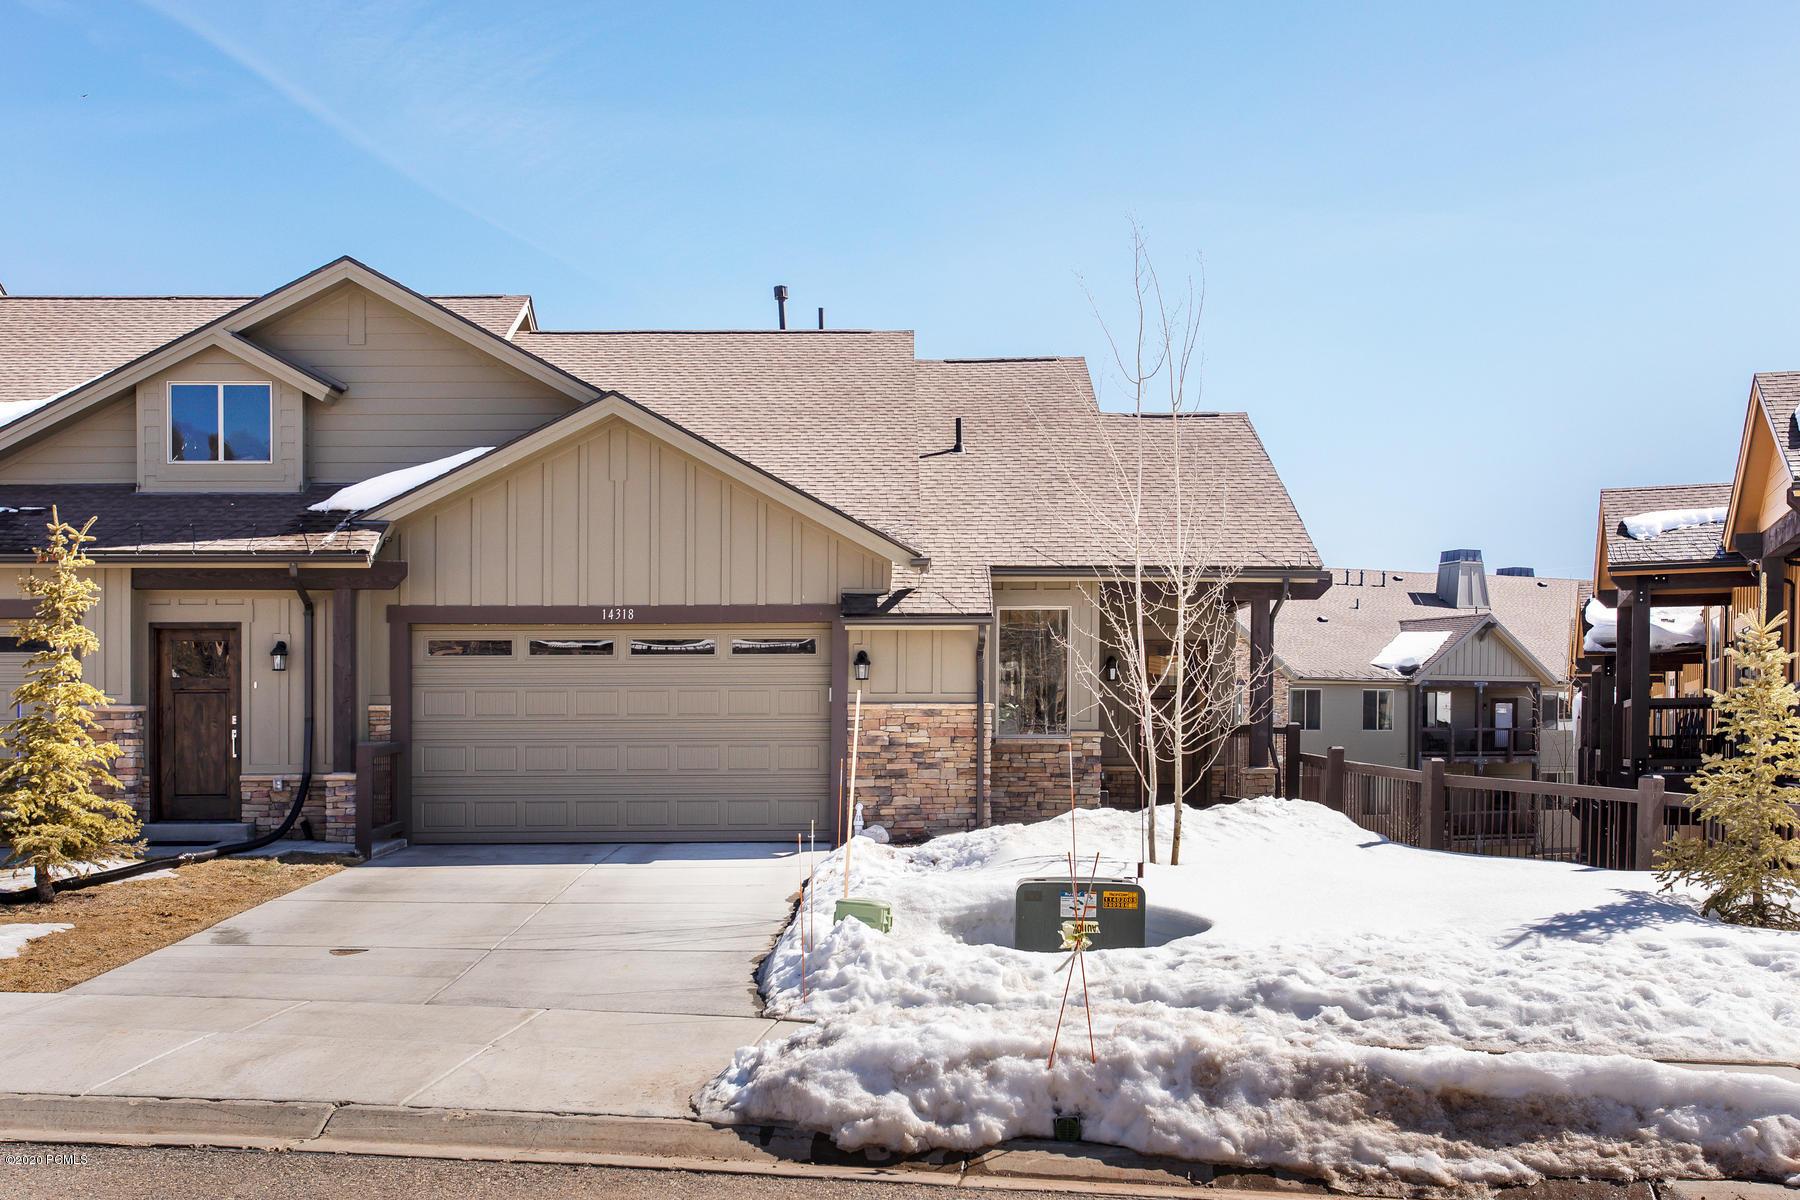 14318 Rendezvous Trail, Heber City, Utah 84032, 3 Bedrooms Bedrooms, ,4 BathroomsBathrooms,Condominium,For Sale,Rendezvous,20190109112430415765000000